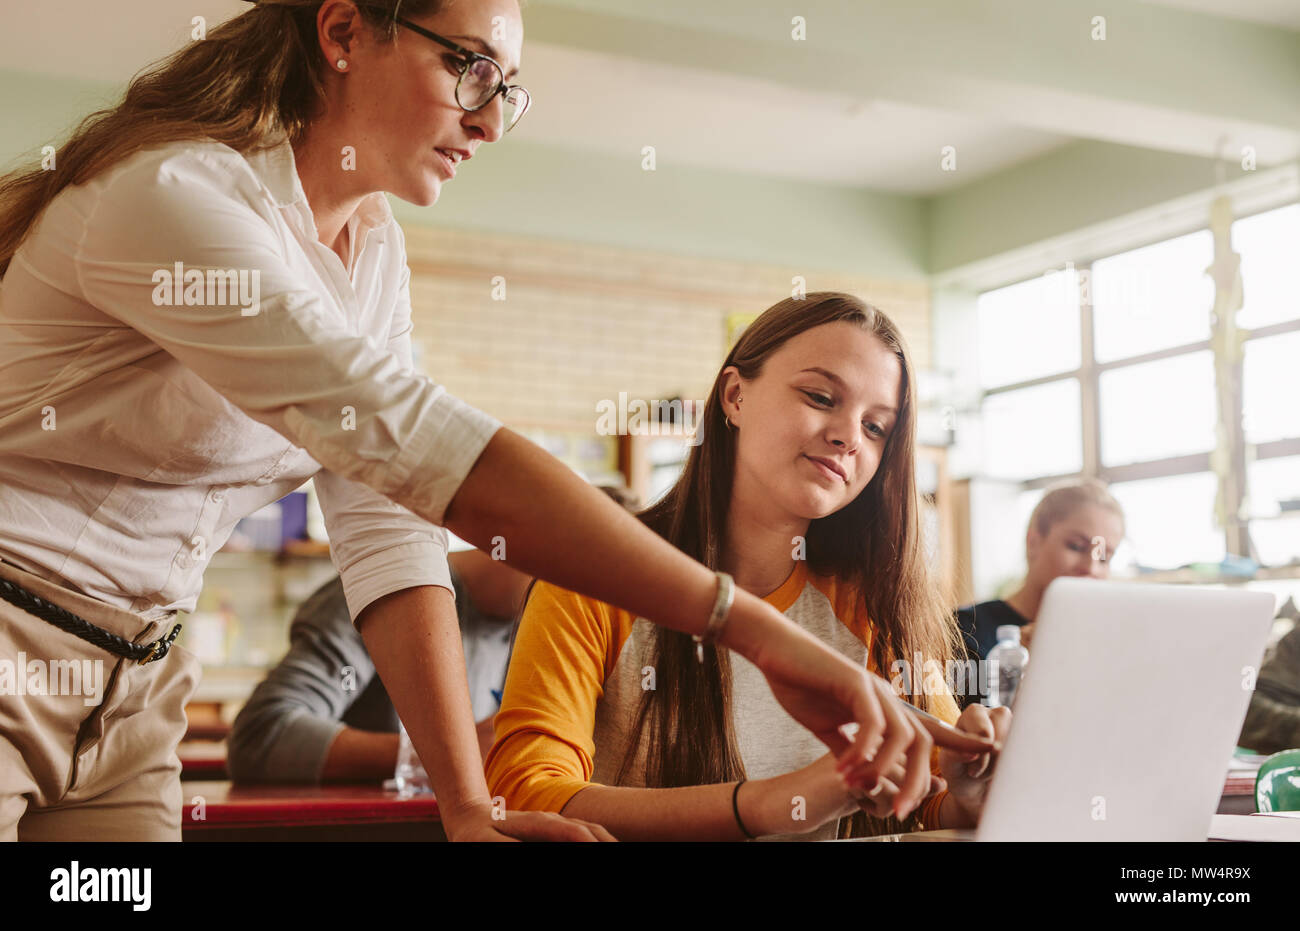 Lehrer helfen Schüler im Klassenzimmer. Dozent pointing at laptop Bildschirm und etwas zeigen, Studentin. Stockbild